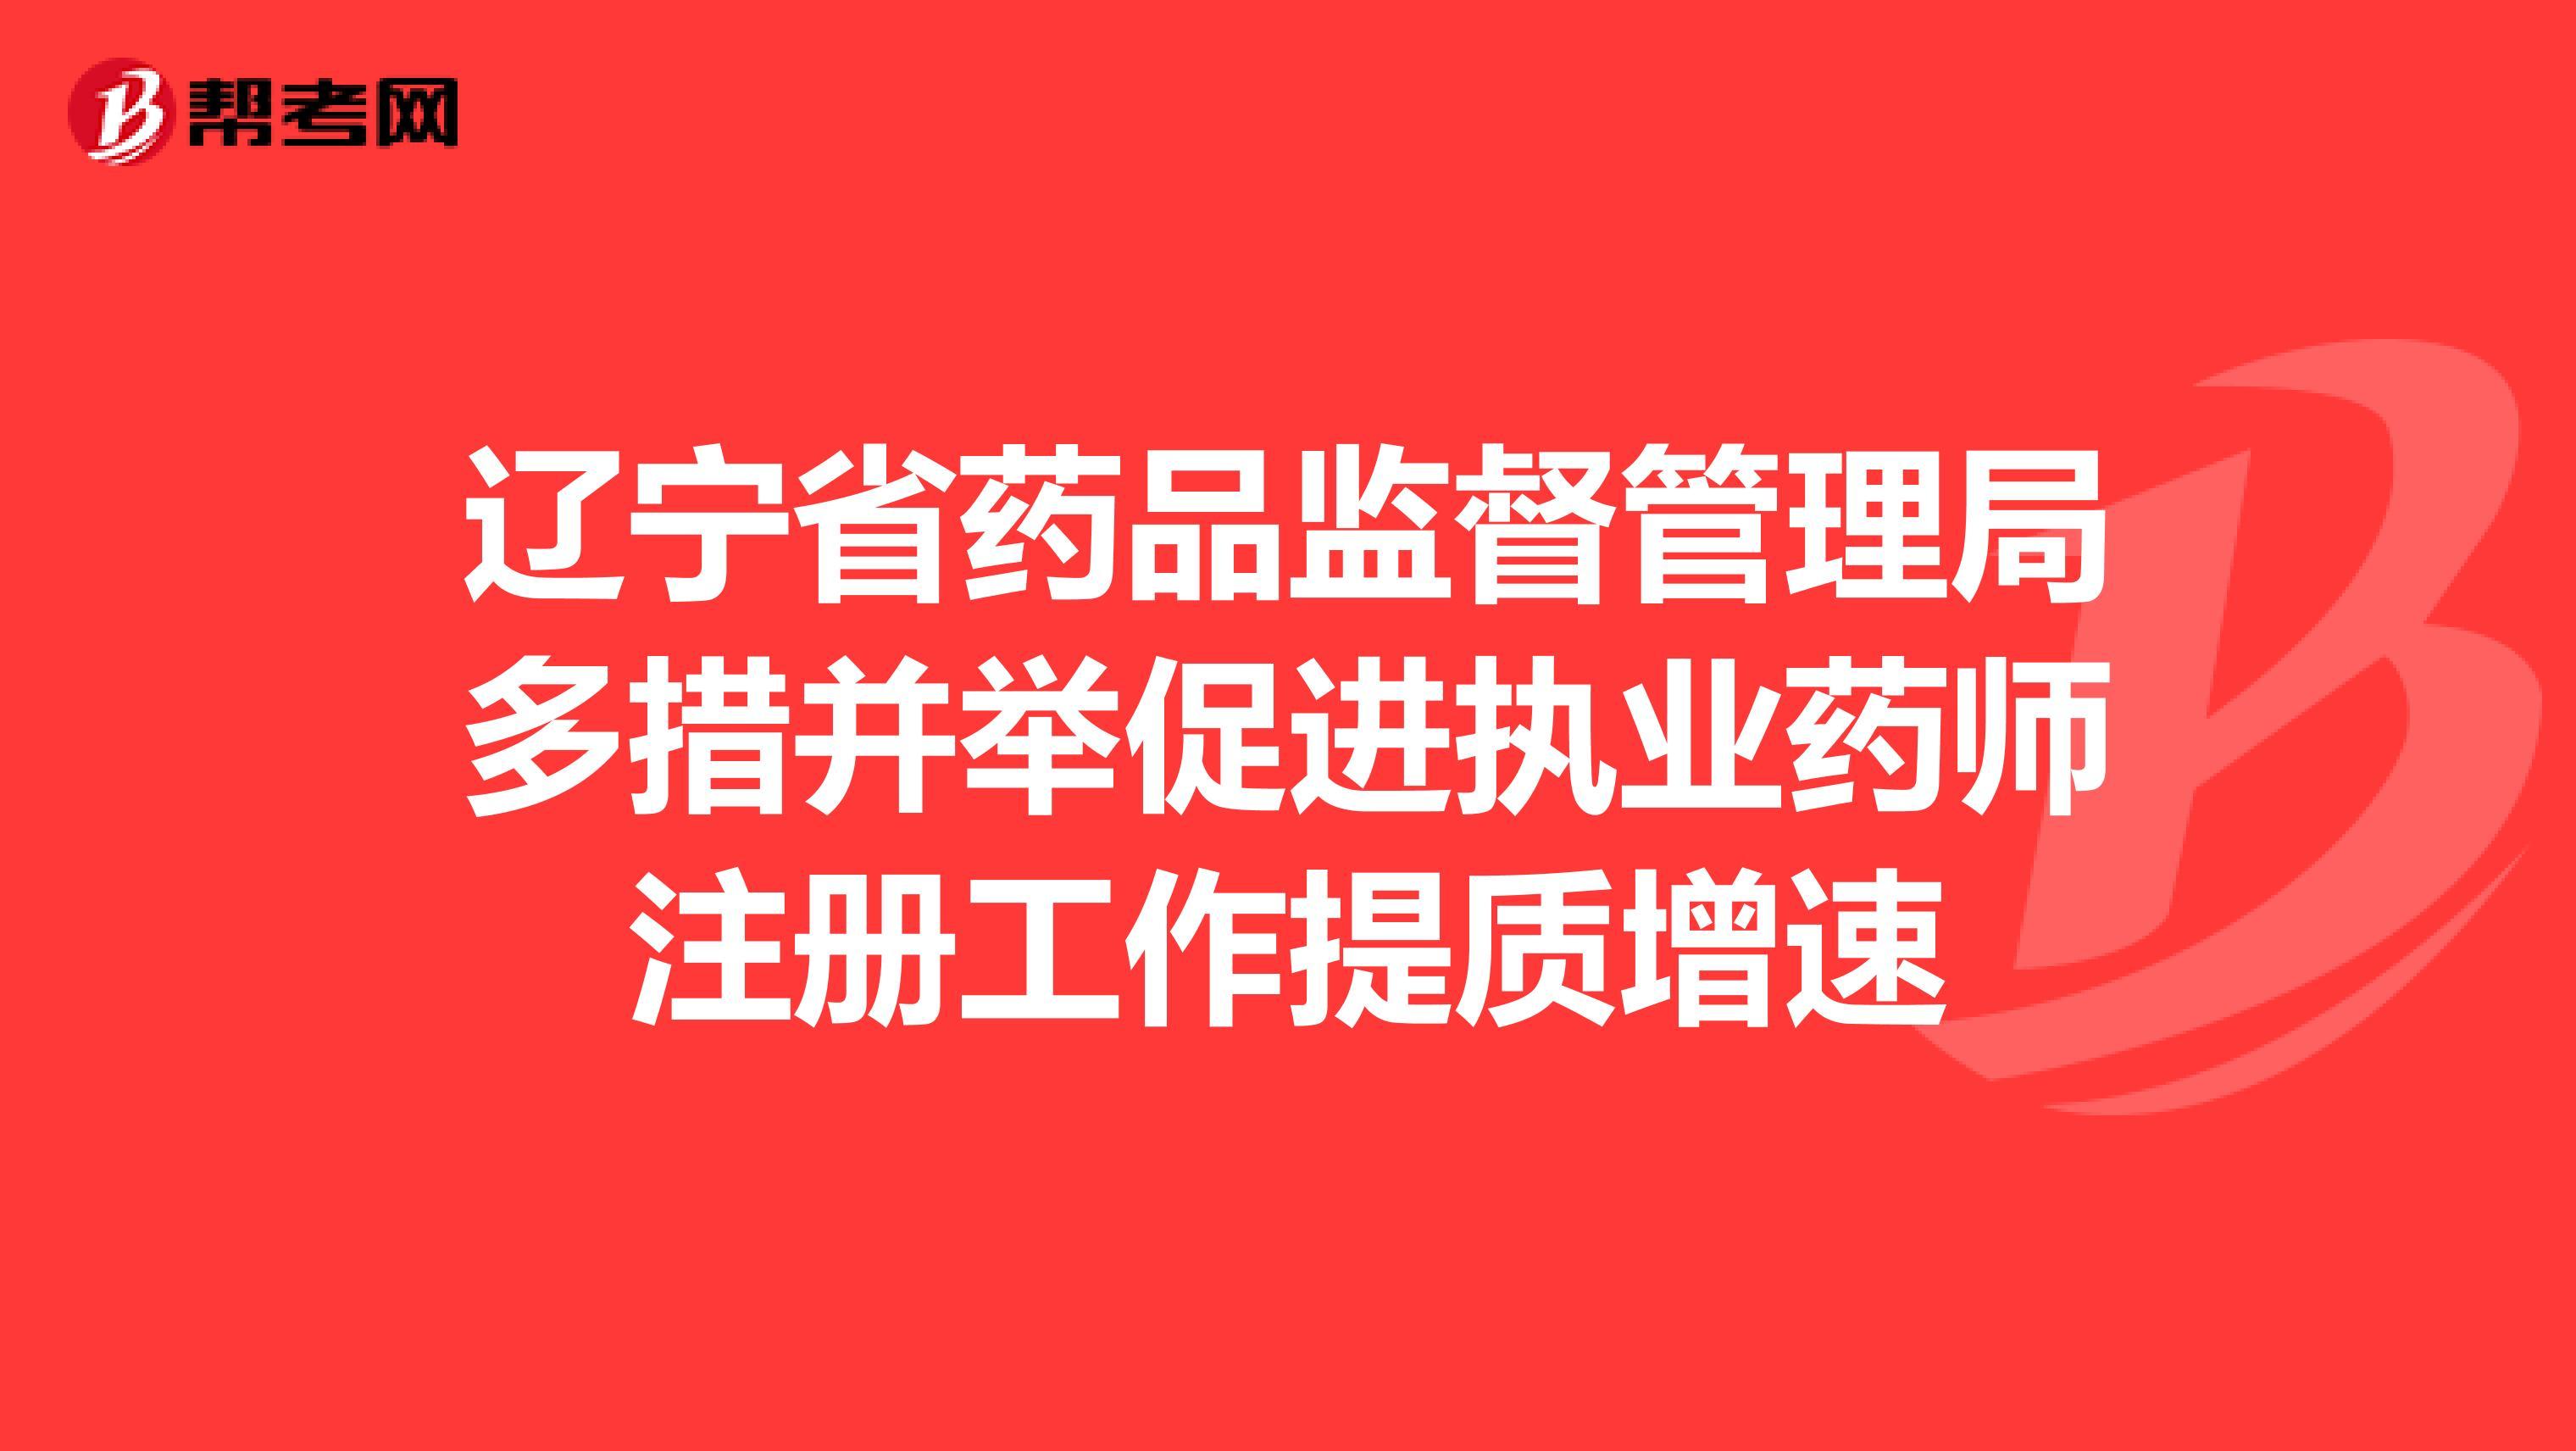 辽宁省药品监督管理局多措并举促进执业药师注册工作提质增速